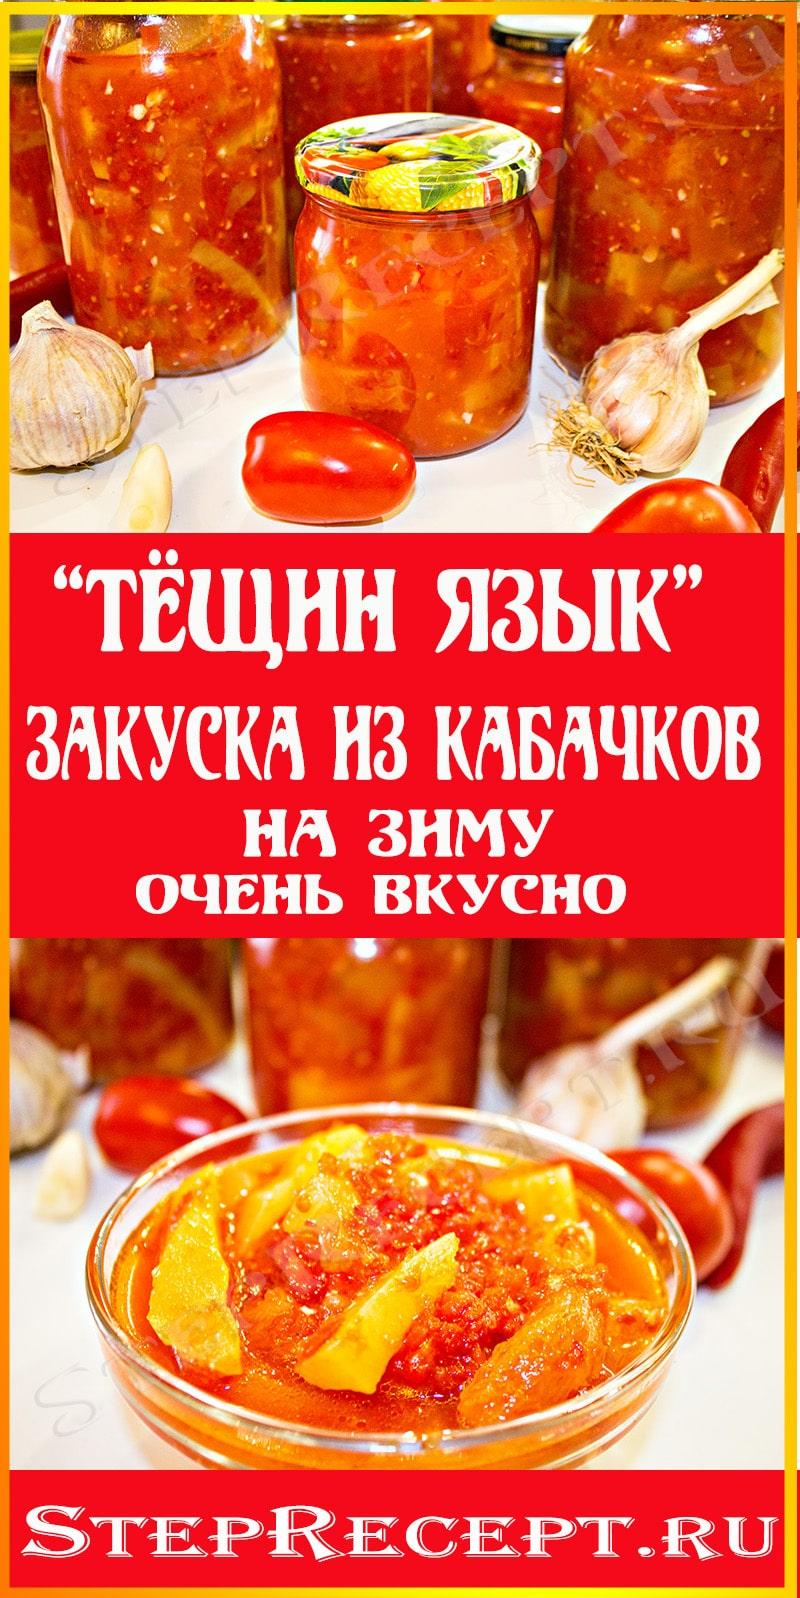 закуска из кабачков тещин язык с помидорами